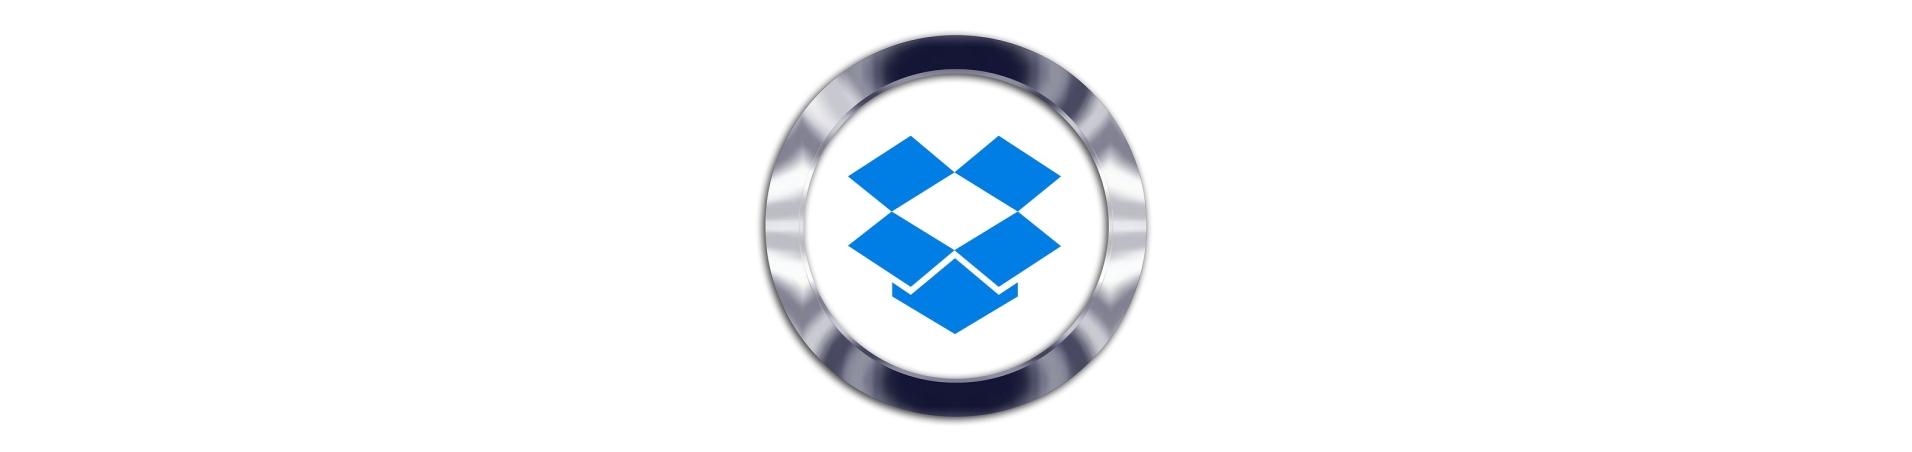 Dropboxのデータを他のクラウドアカウントに移行する方法